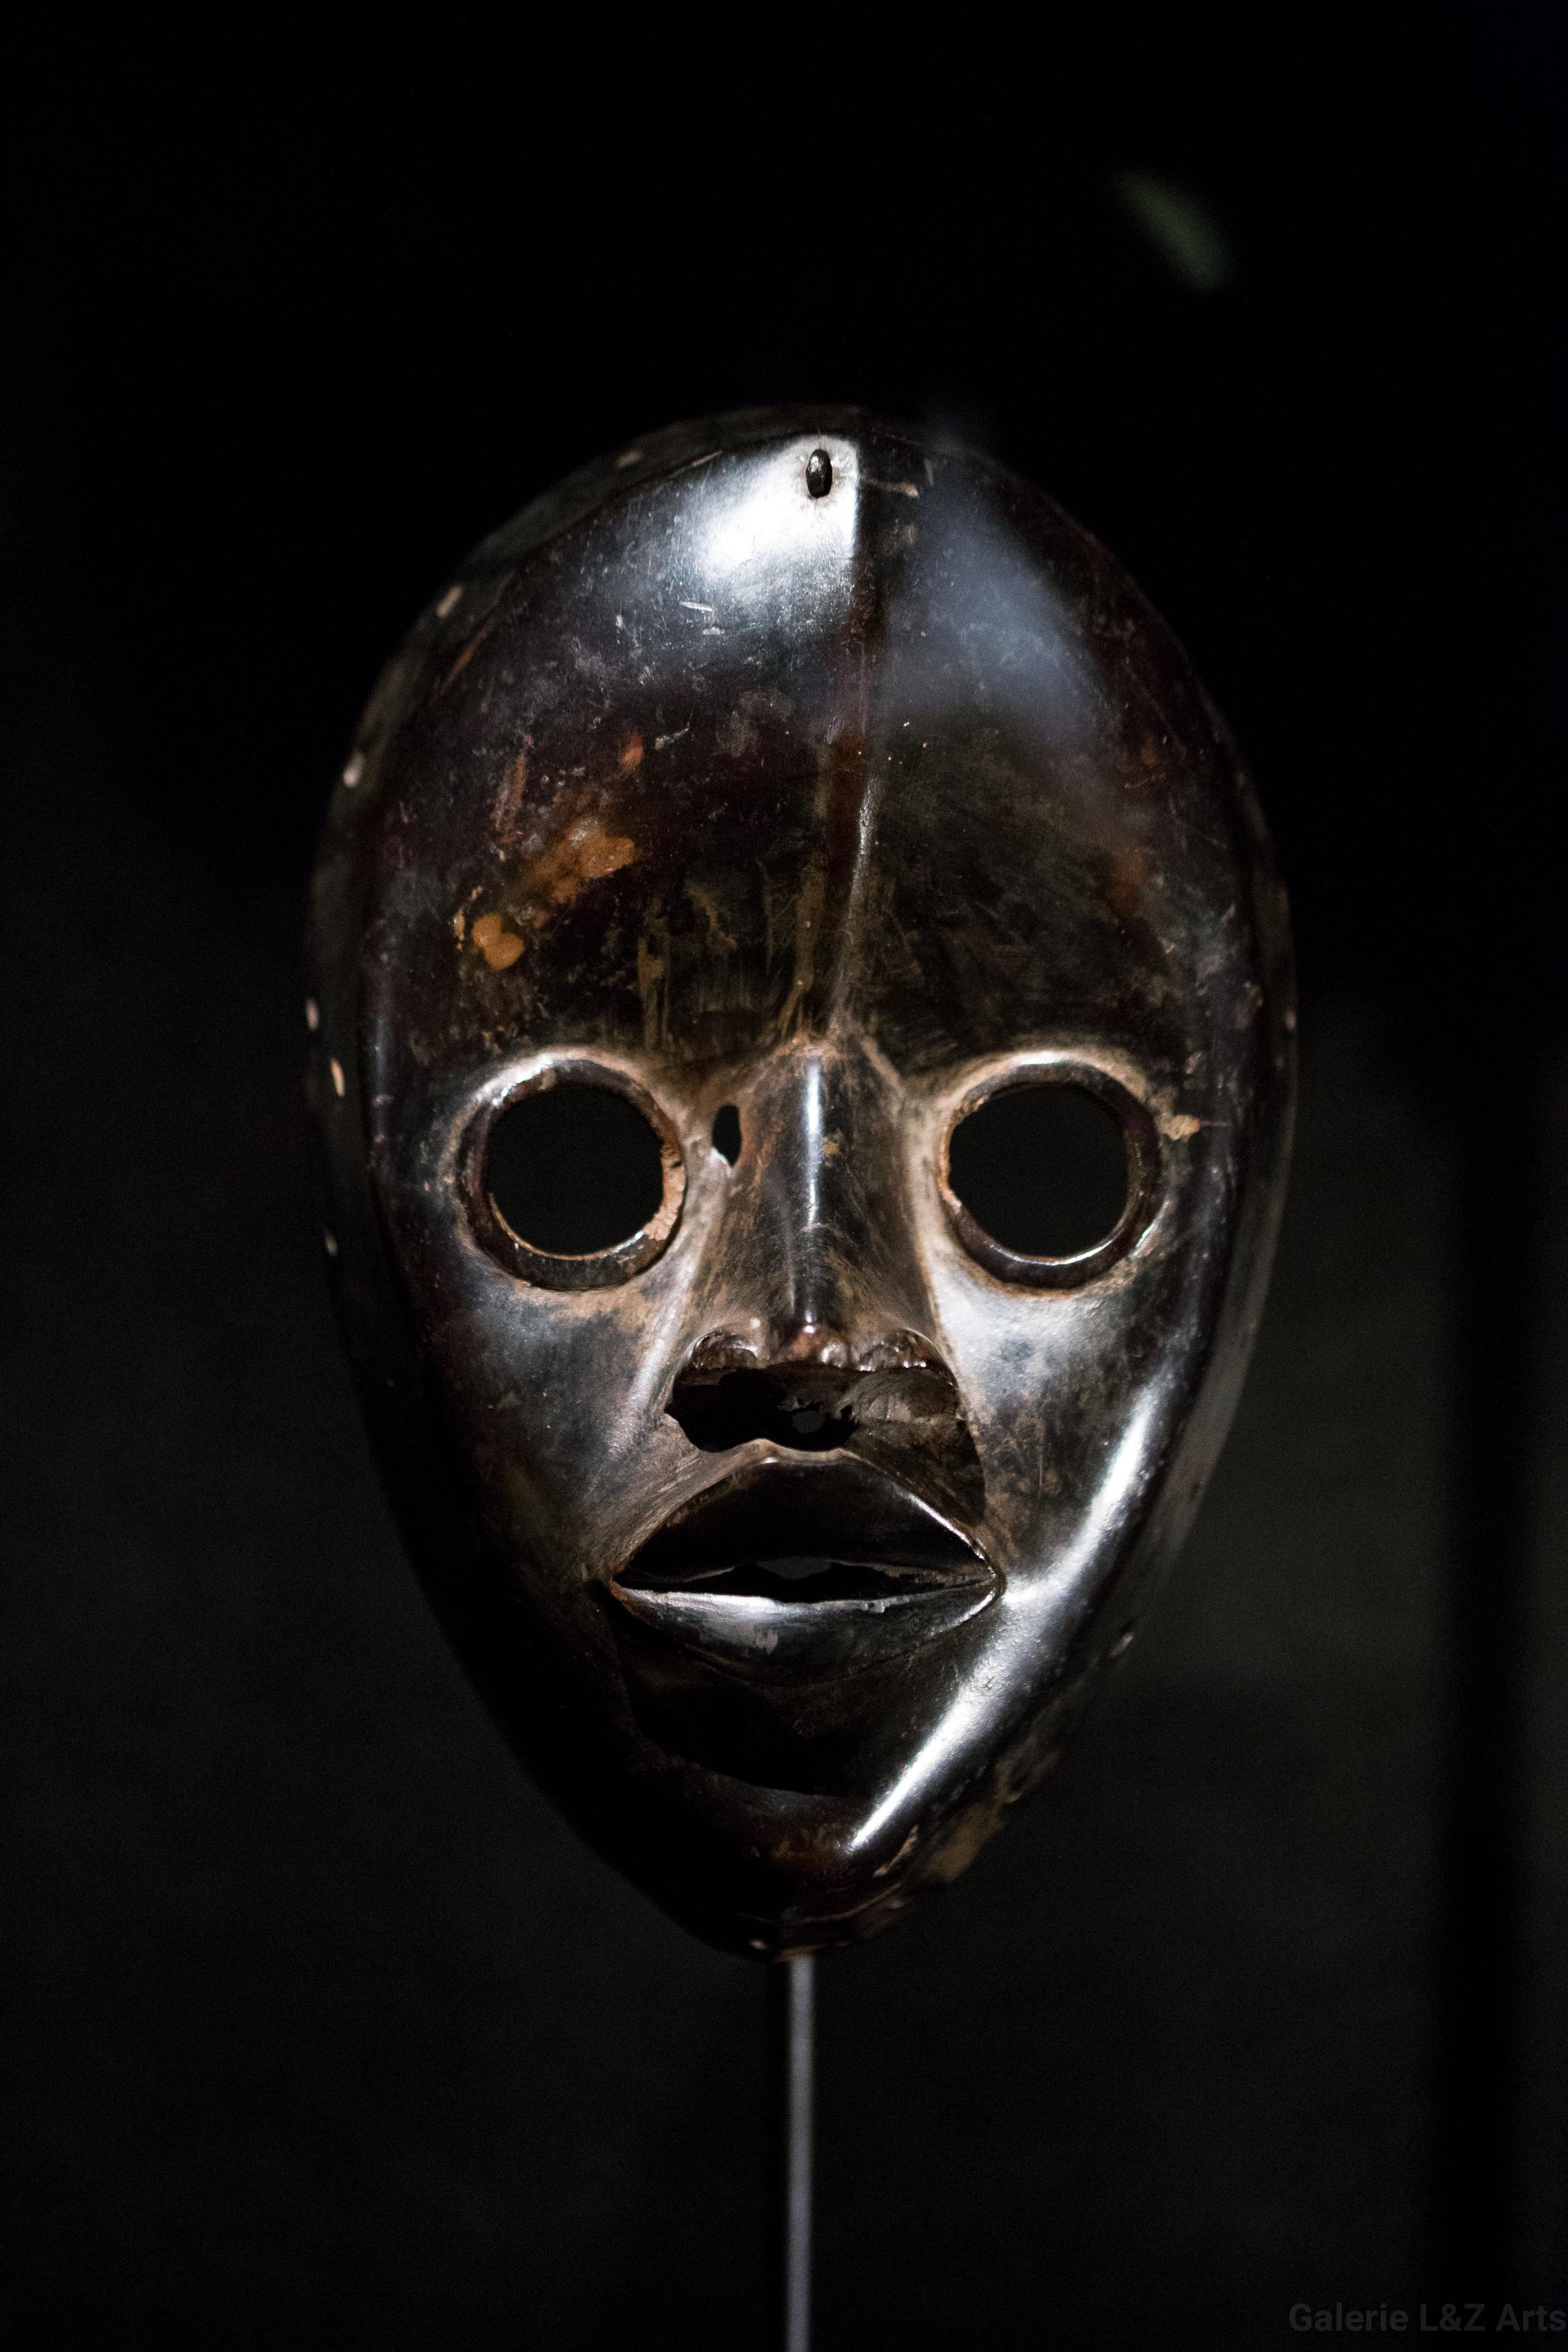 exposition-masque-art-tribal-africain-musee-quai-branly-belgique-galerie-lz-arts-liege-cite-miroir-oceanie-asie-japon-amerique-art-premier-nepal-2.jpg